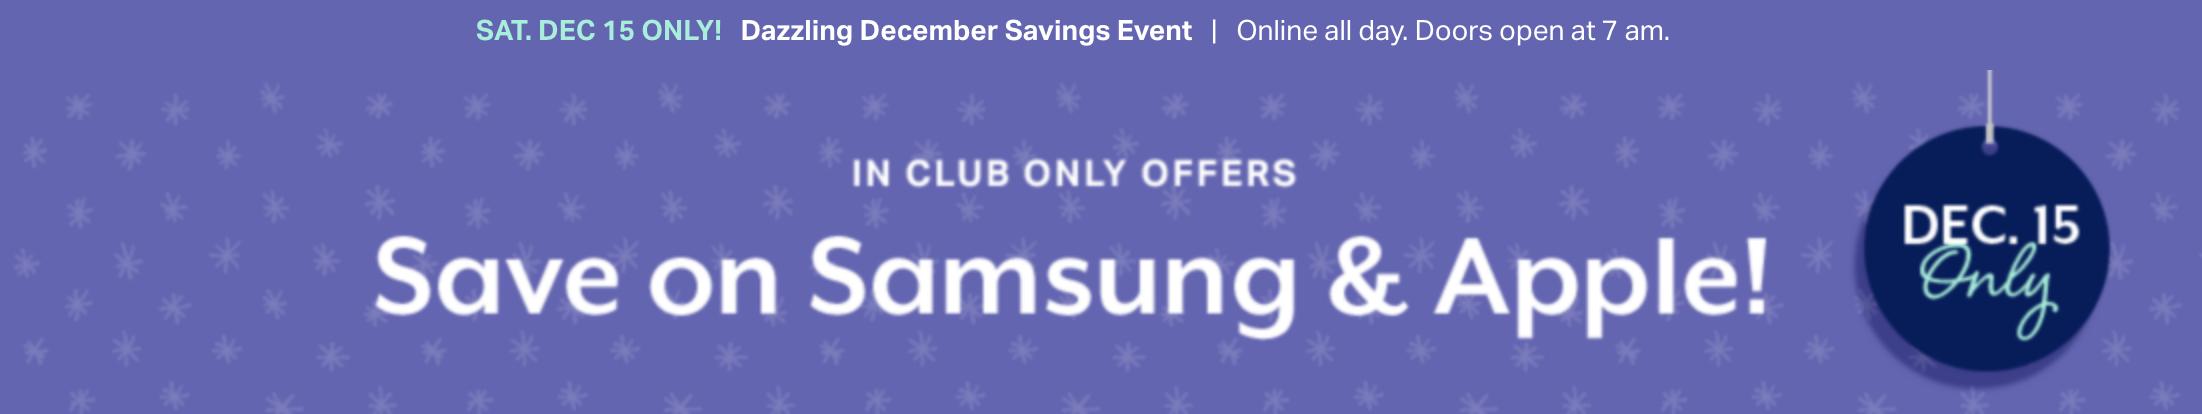 Sams club One day Event on Saturday, Dec.15th.